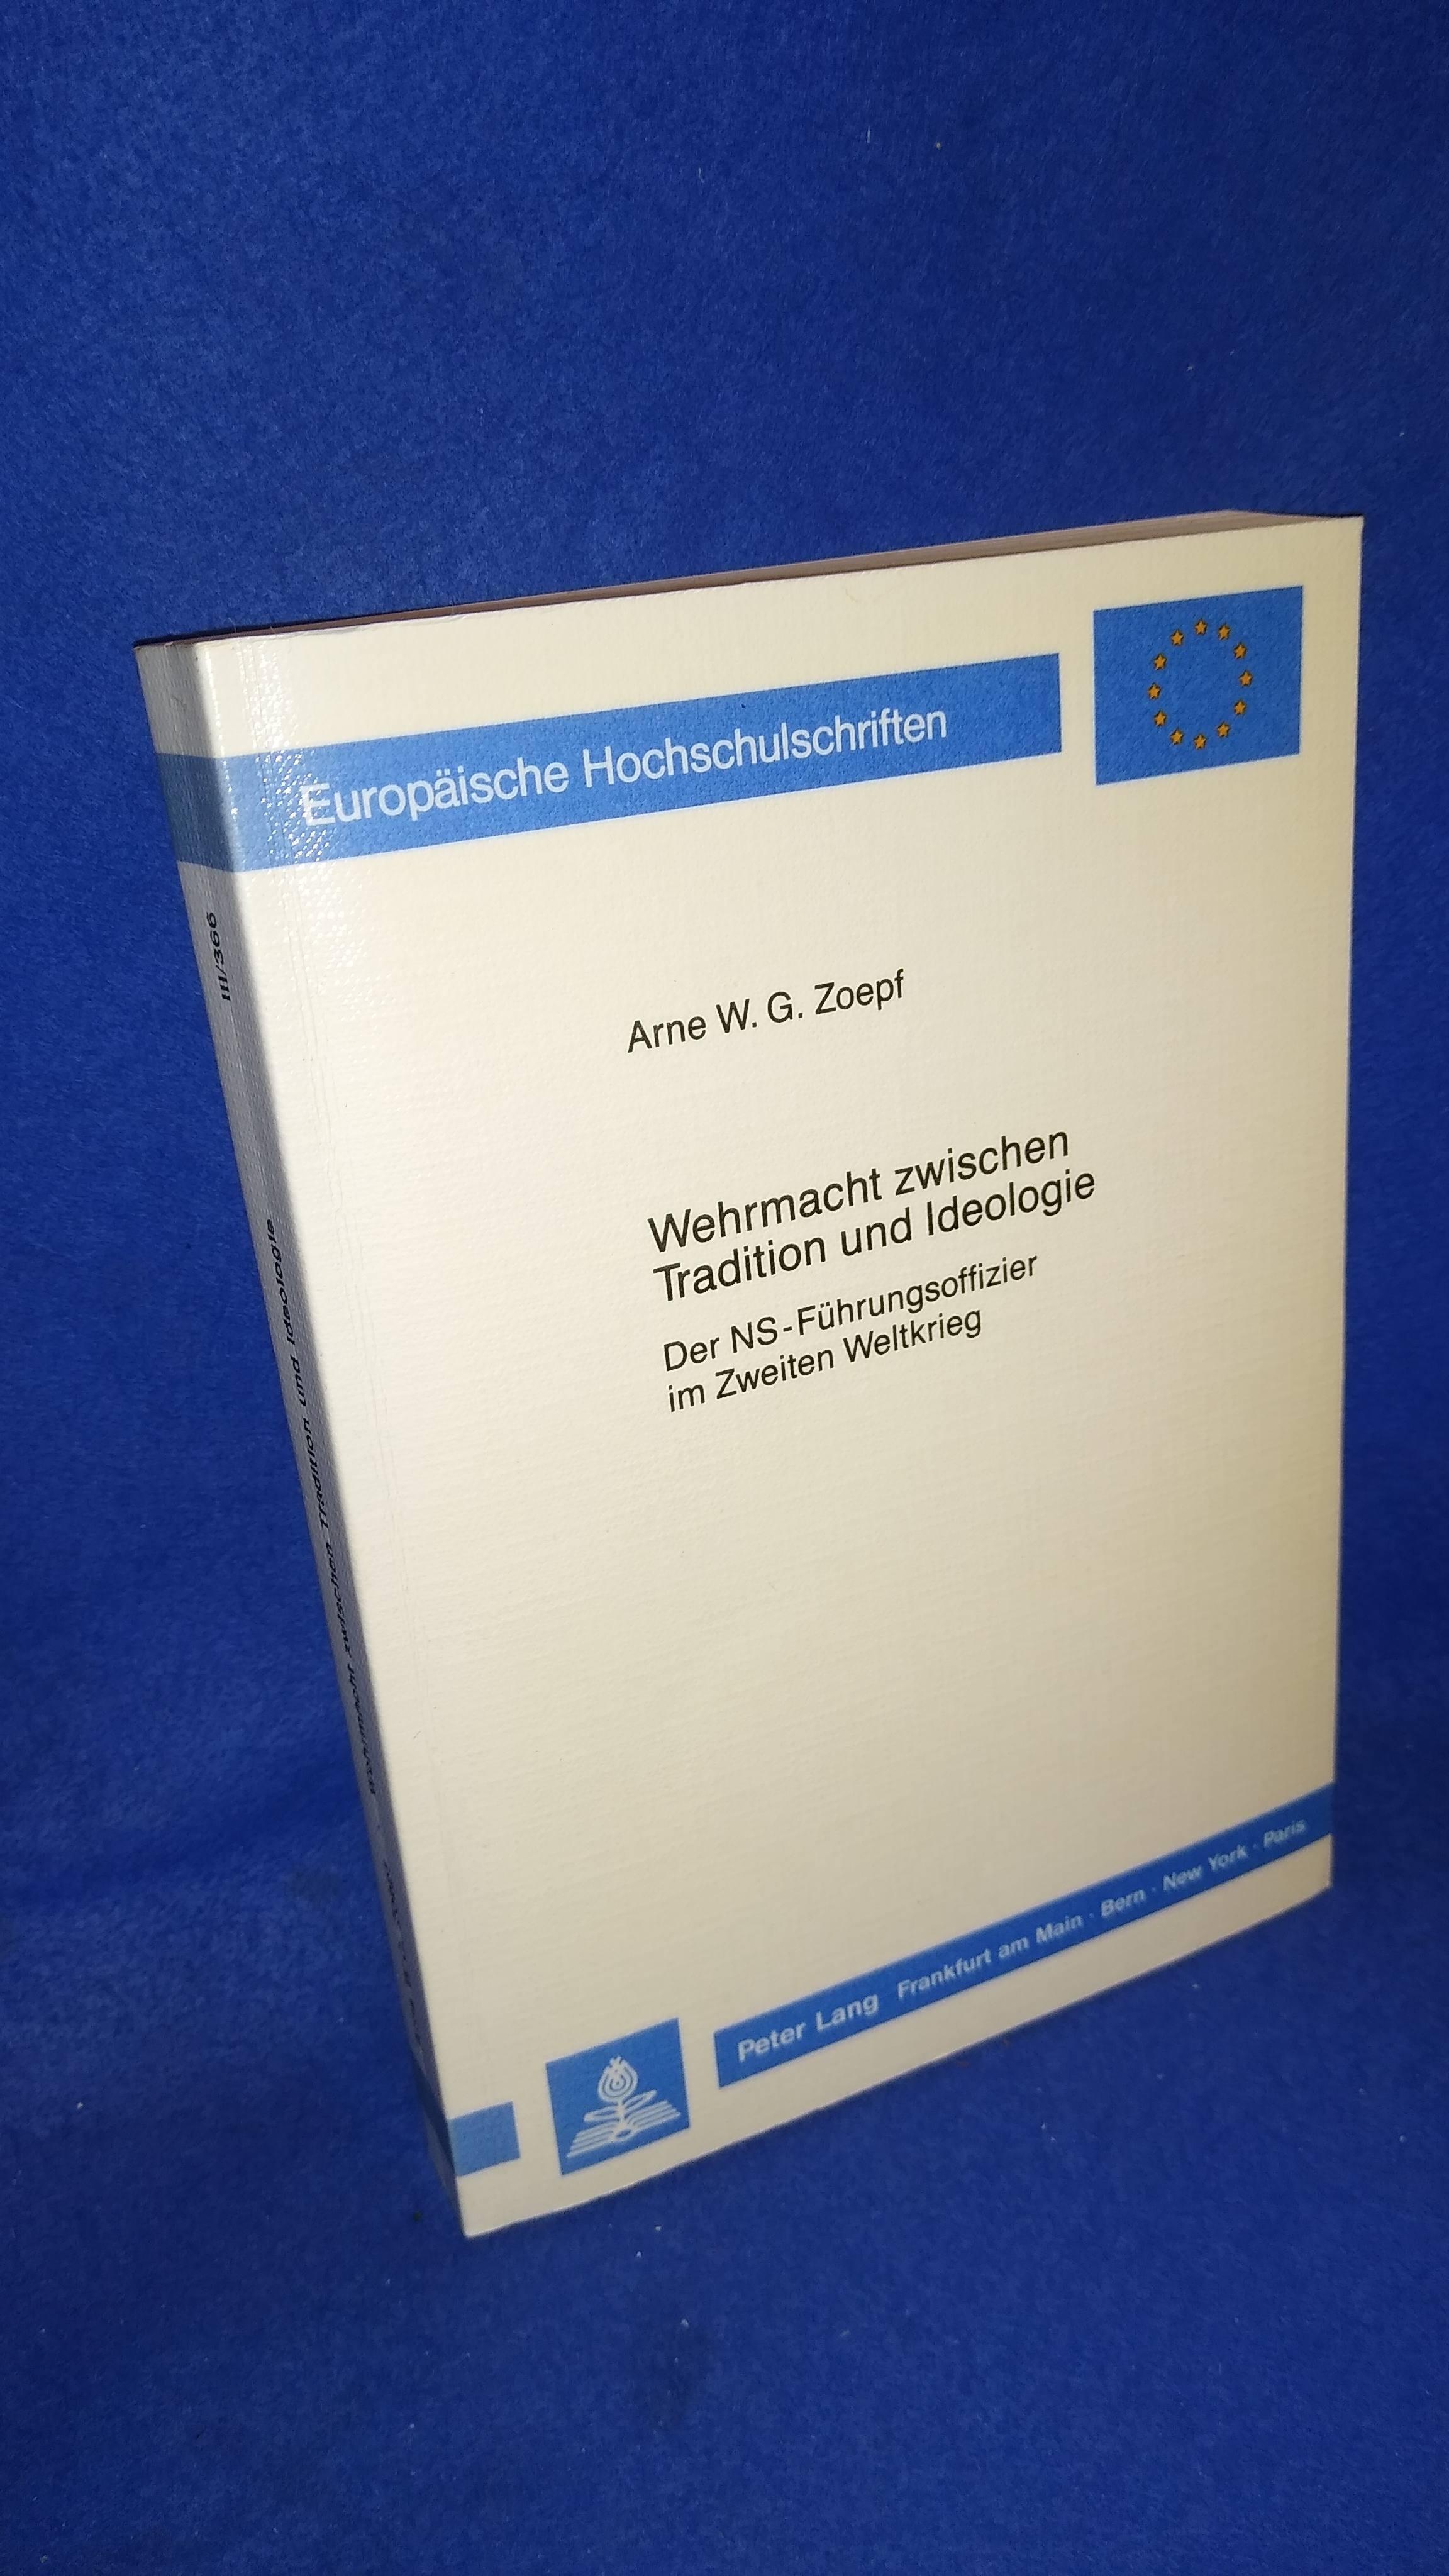 Wehrmacht zwischen Tradition und Ideologie Der NS-Führungsoffizier im Zweiten Weltkrieg. Vergriffenes Exemplar!